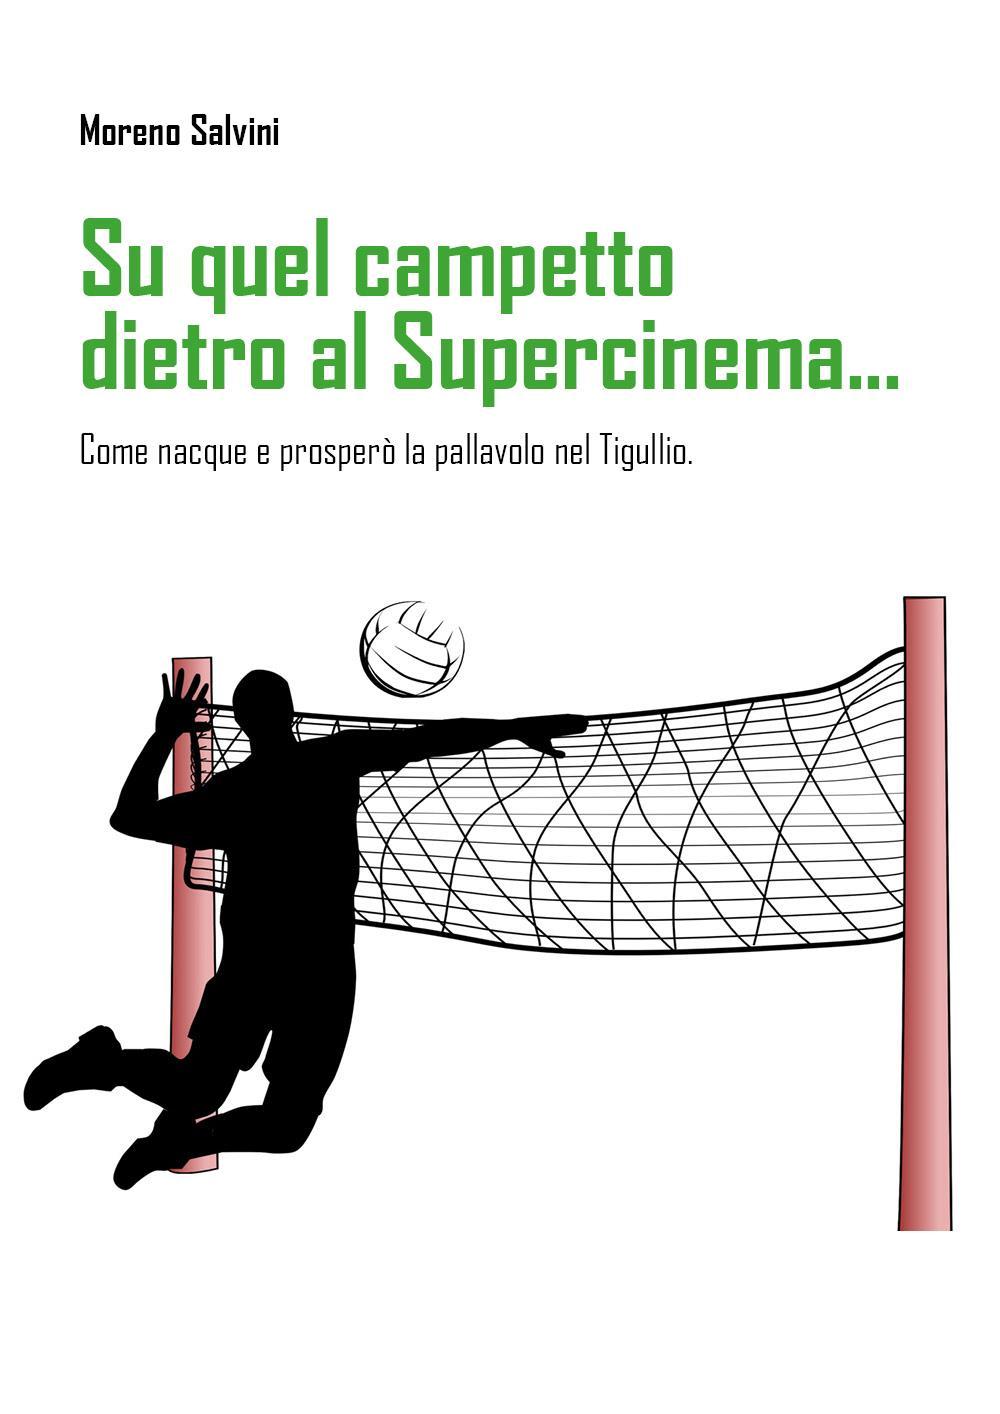 Su quel campetto dietro al Supercinema... sottotitolo: Come nacque e prosperò la pallavolo nel Tigullio.